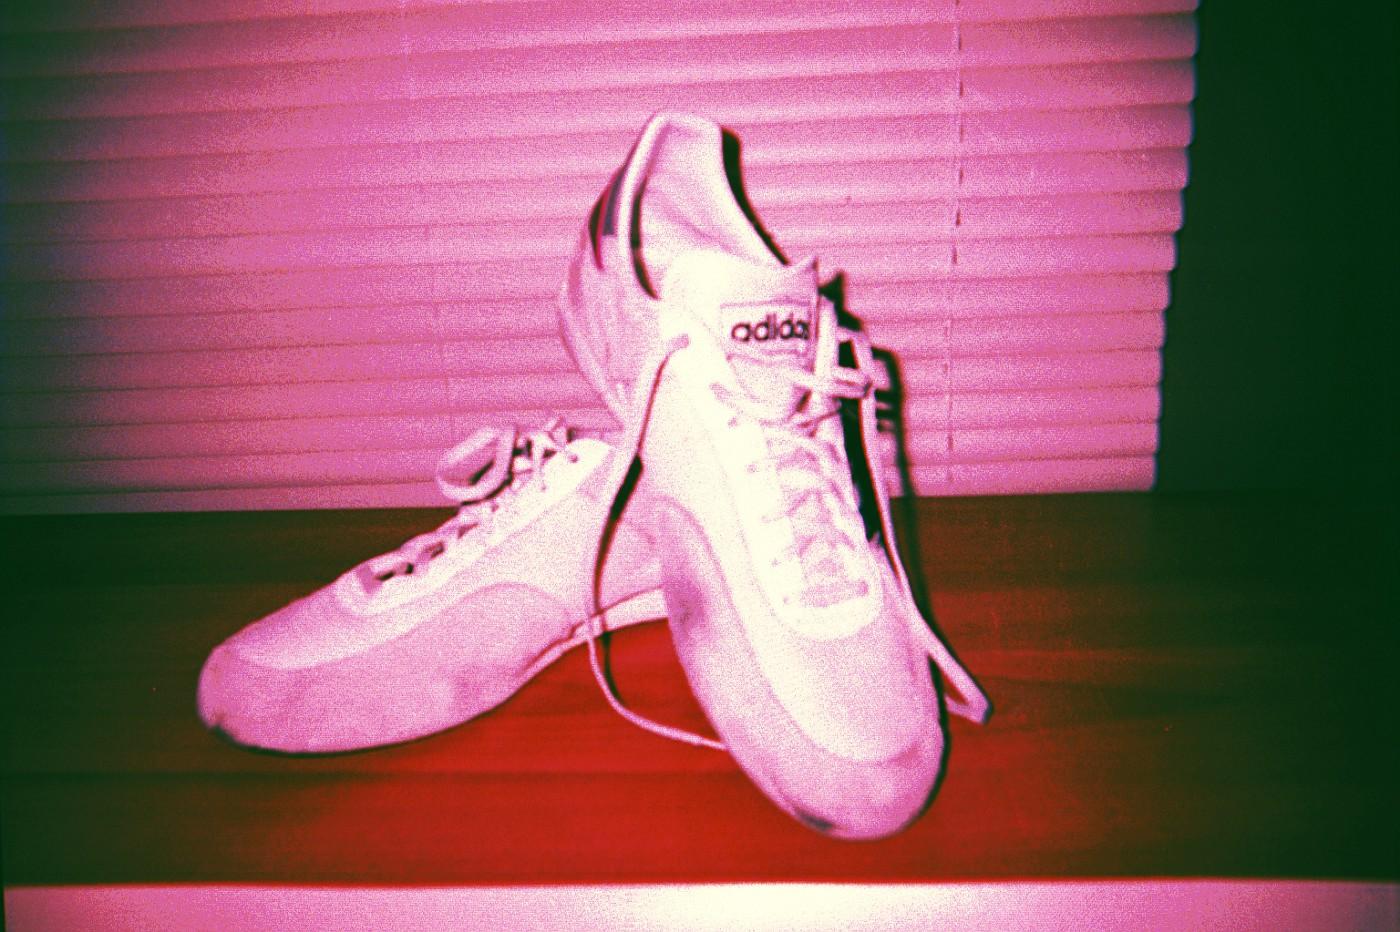 My Pride - Original 1985 adidas fencing shoe